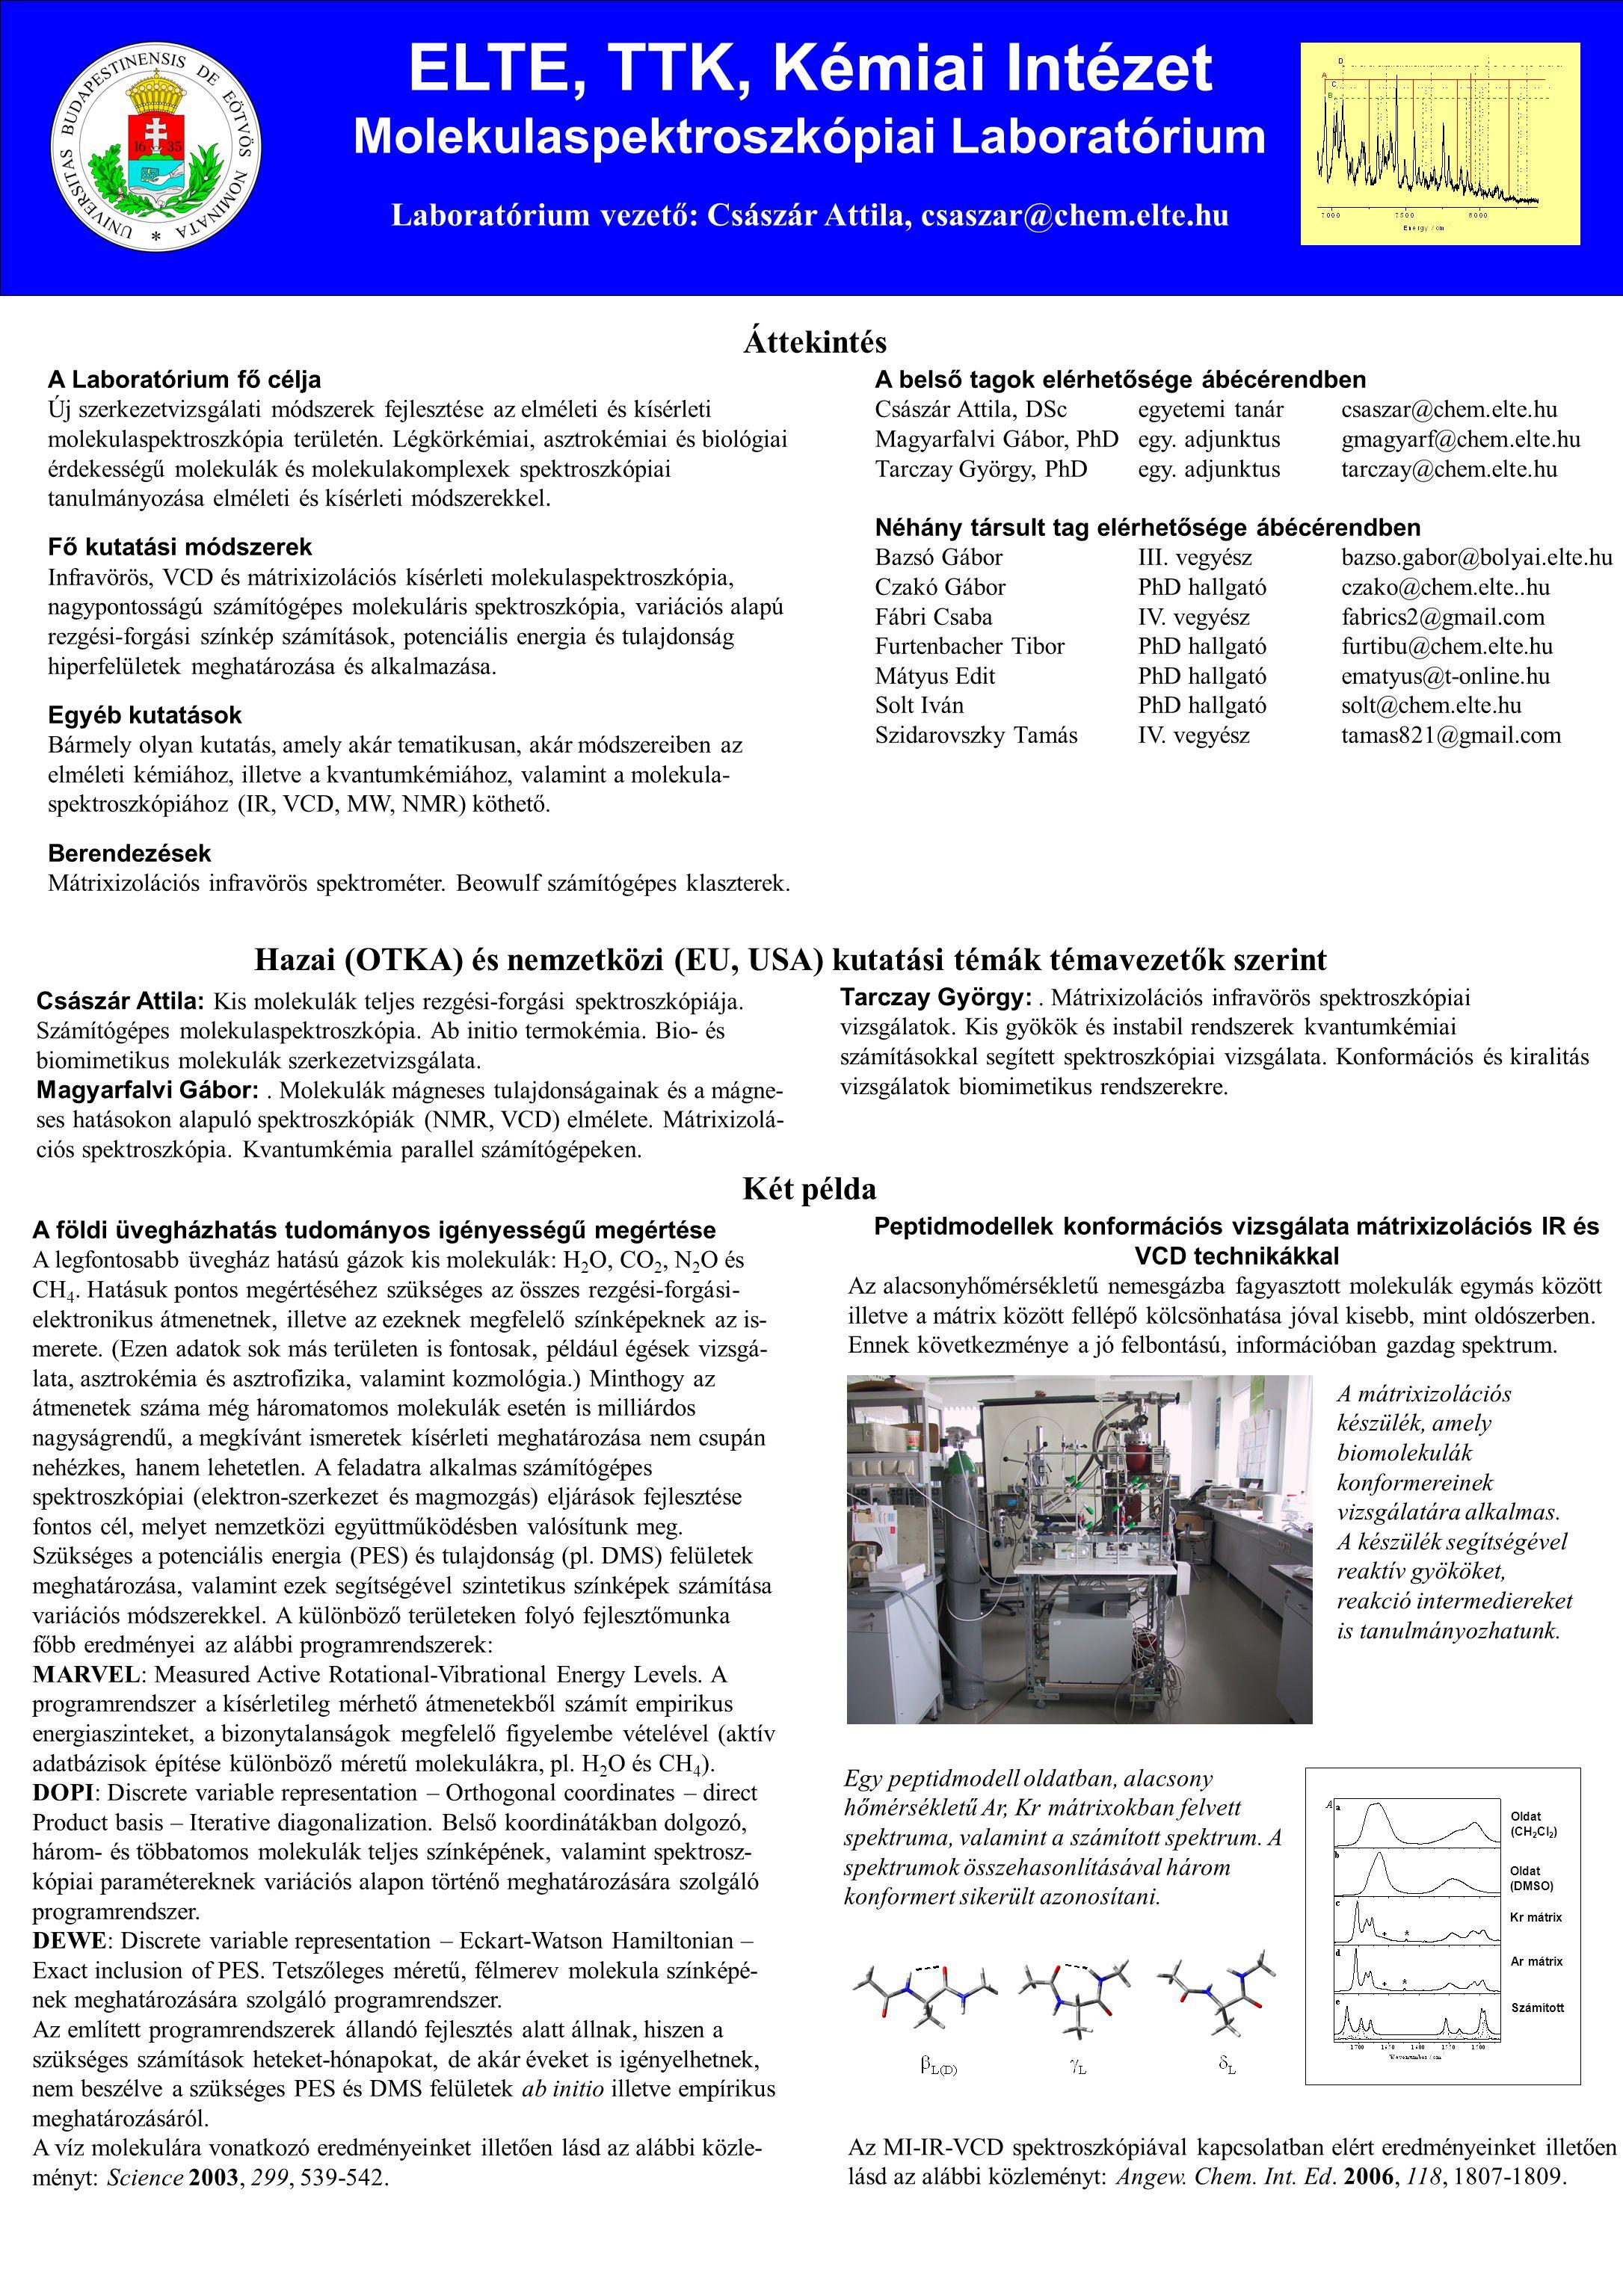 ELTE, TTK, Kémiai Intézet Molekulaspektroszkópiai Laboratórium Laboratórium vezető: Császár Attila, csaszar@chem.elte.hu A Laboratórium fő célja Új sz